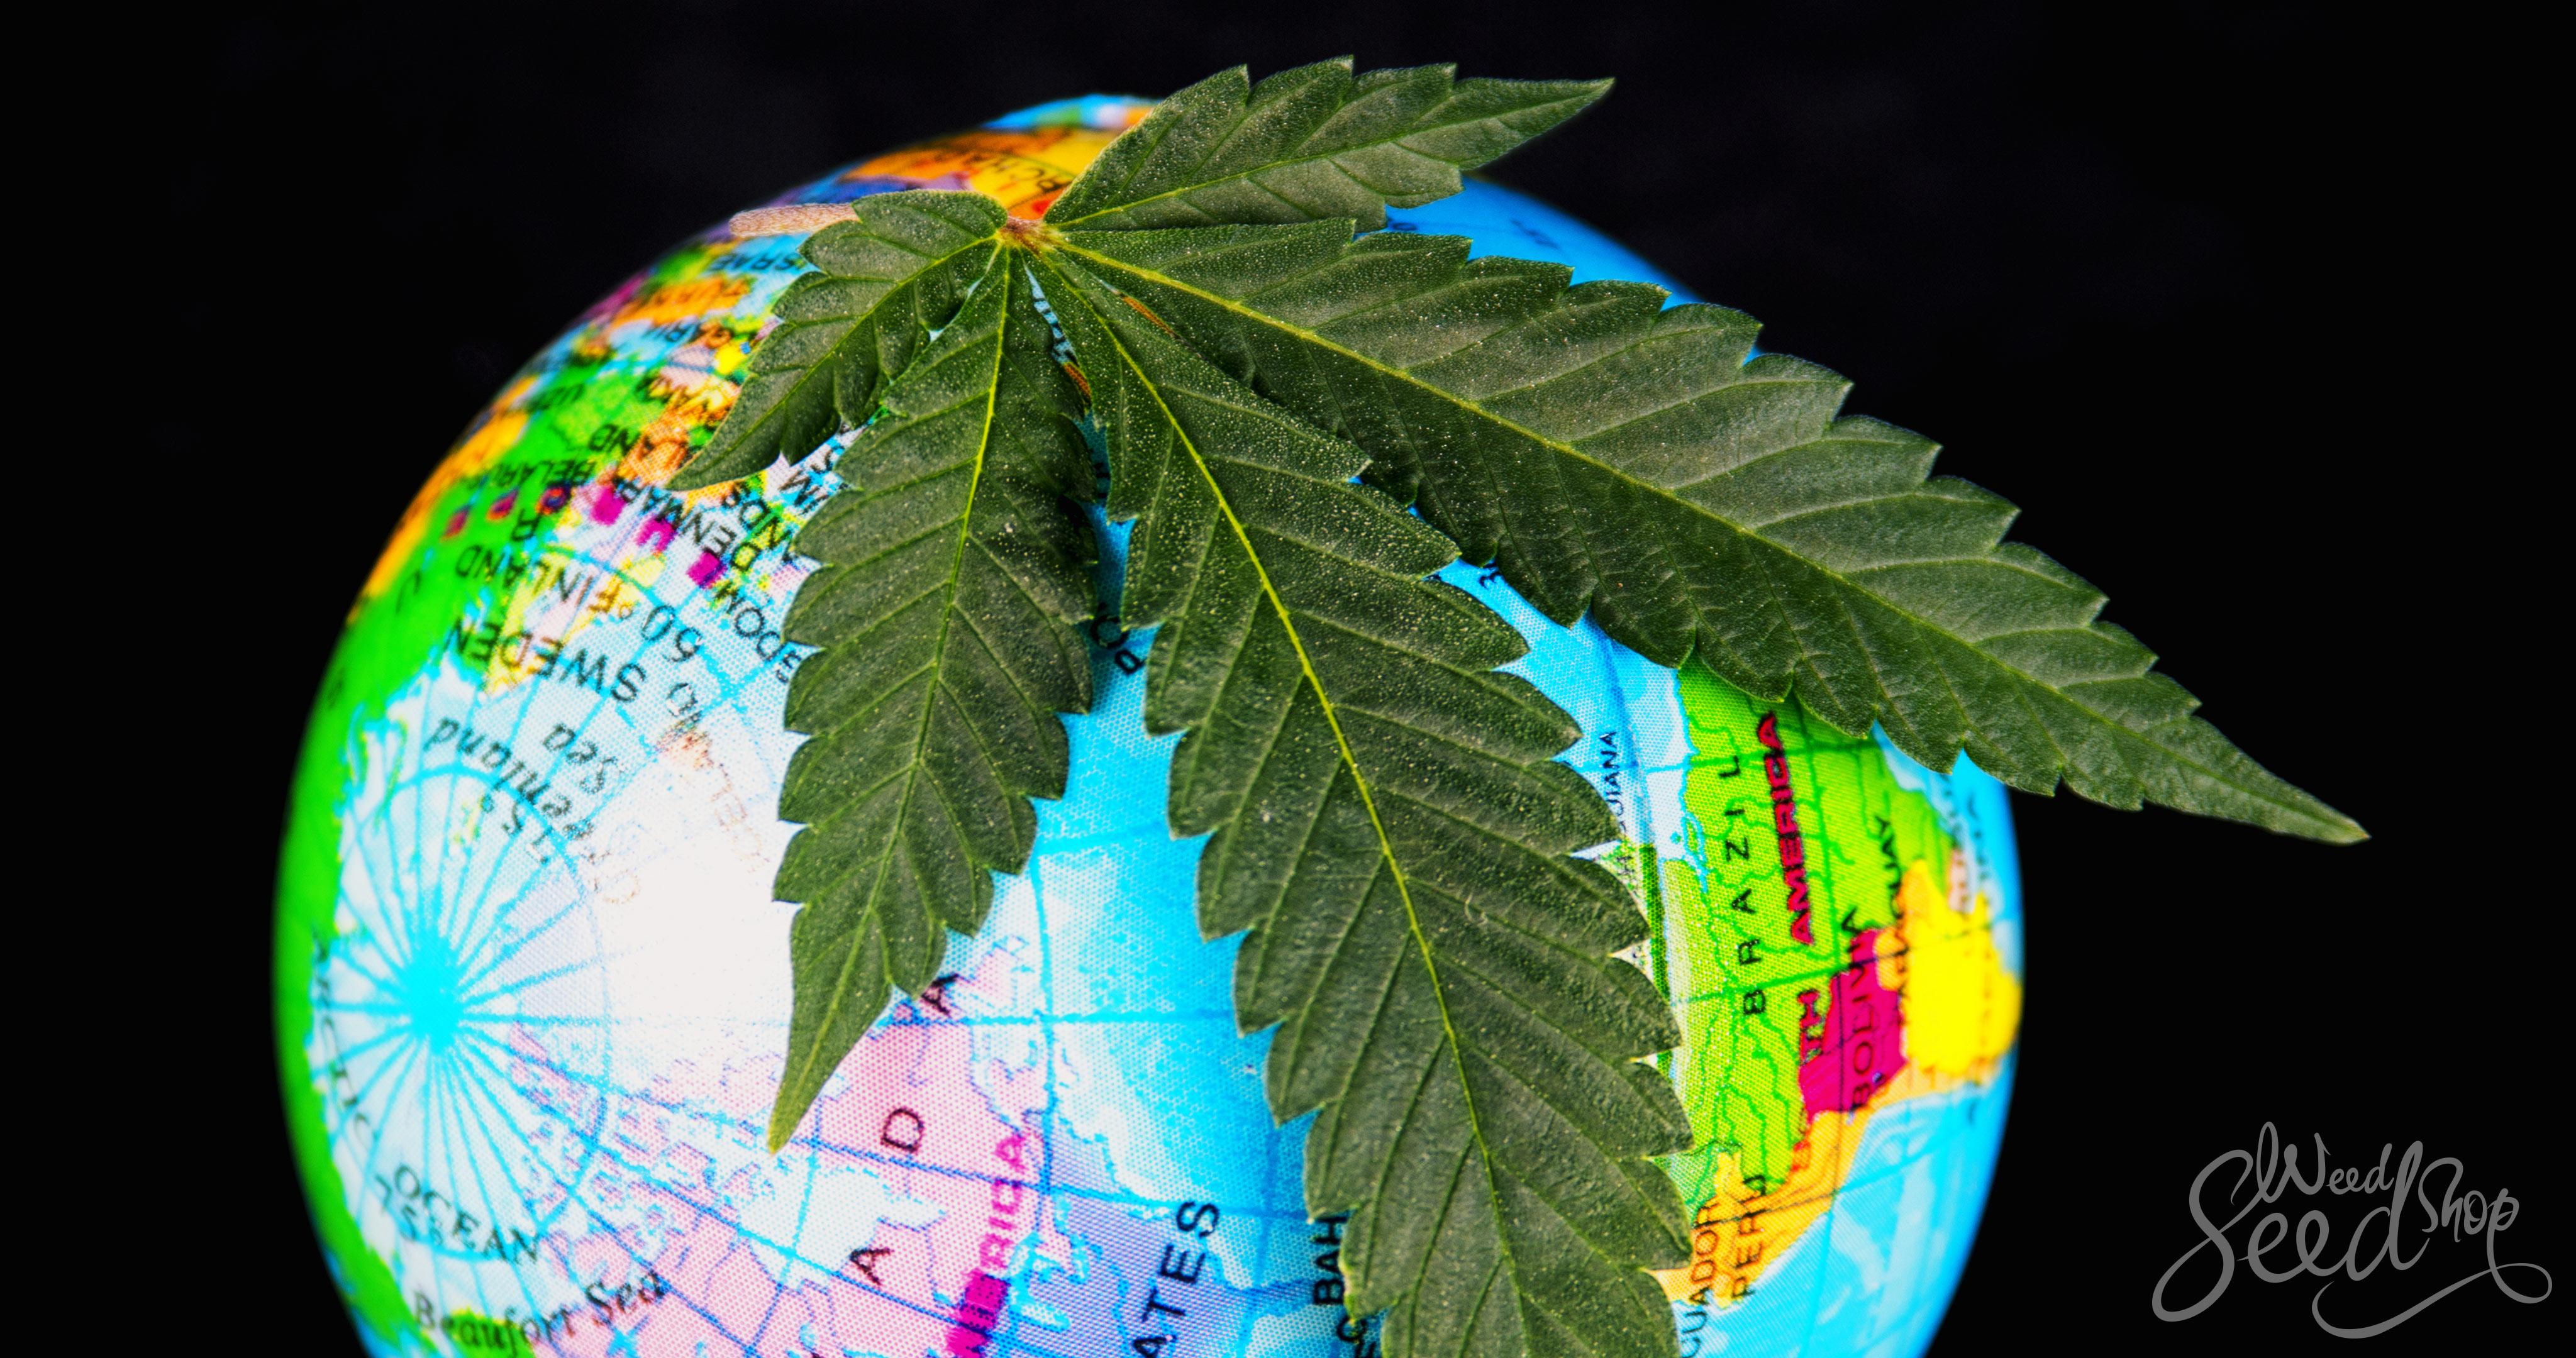 De wietcultuur wereldwijd - WeedSeedShop